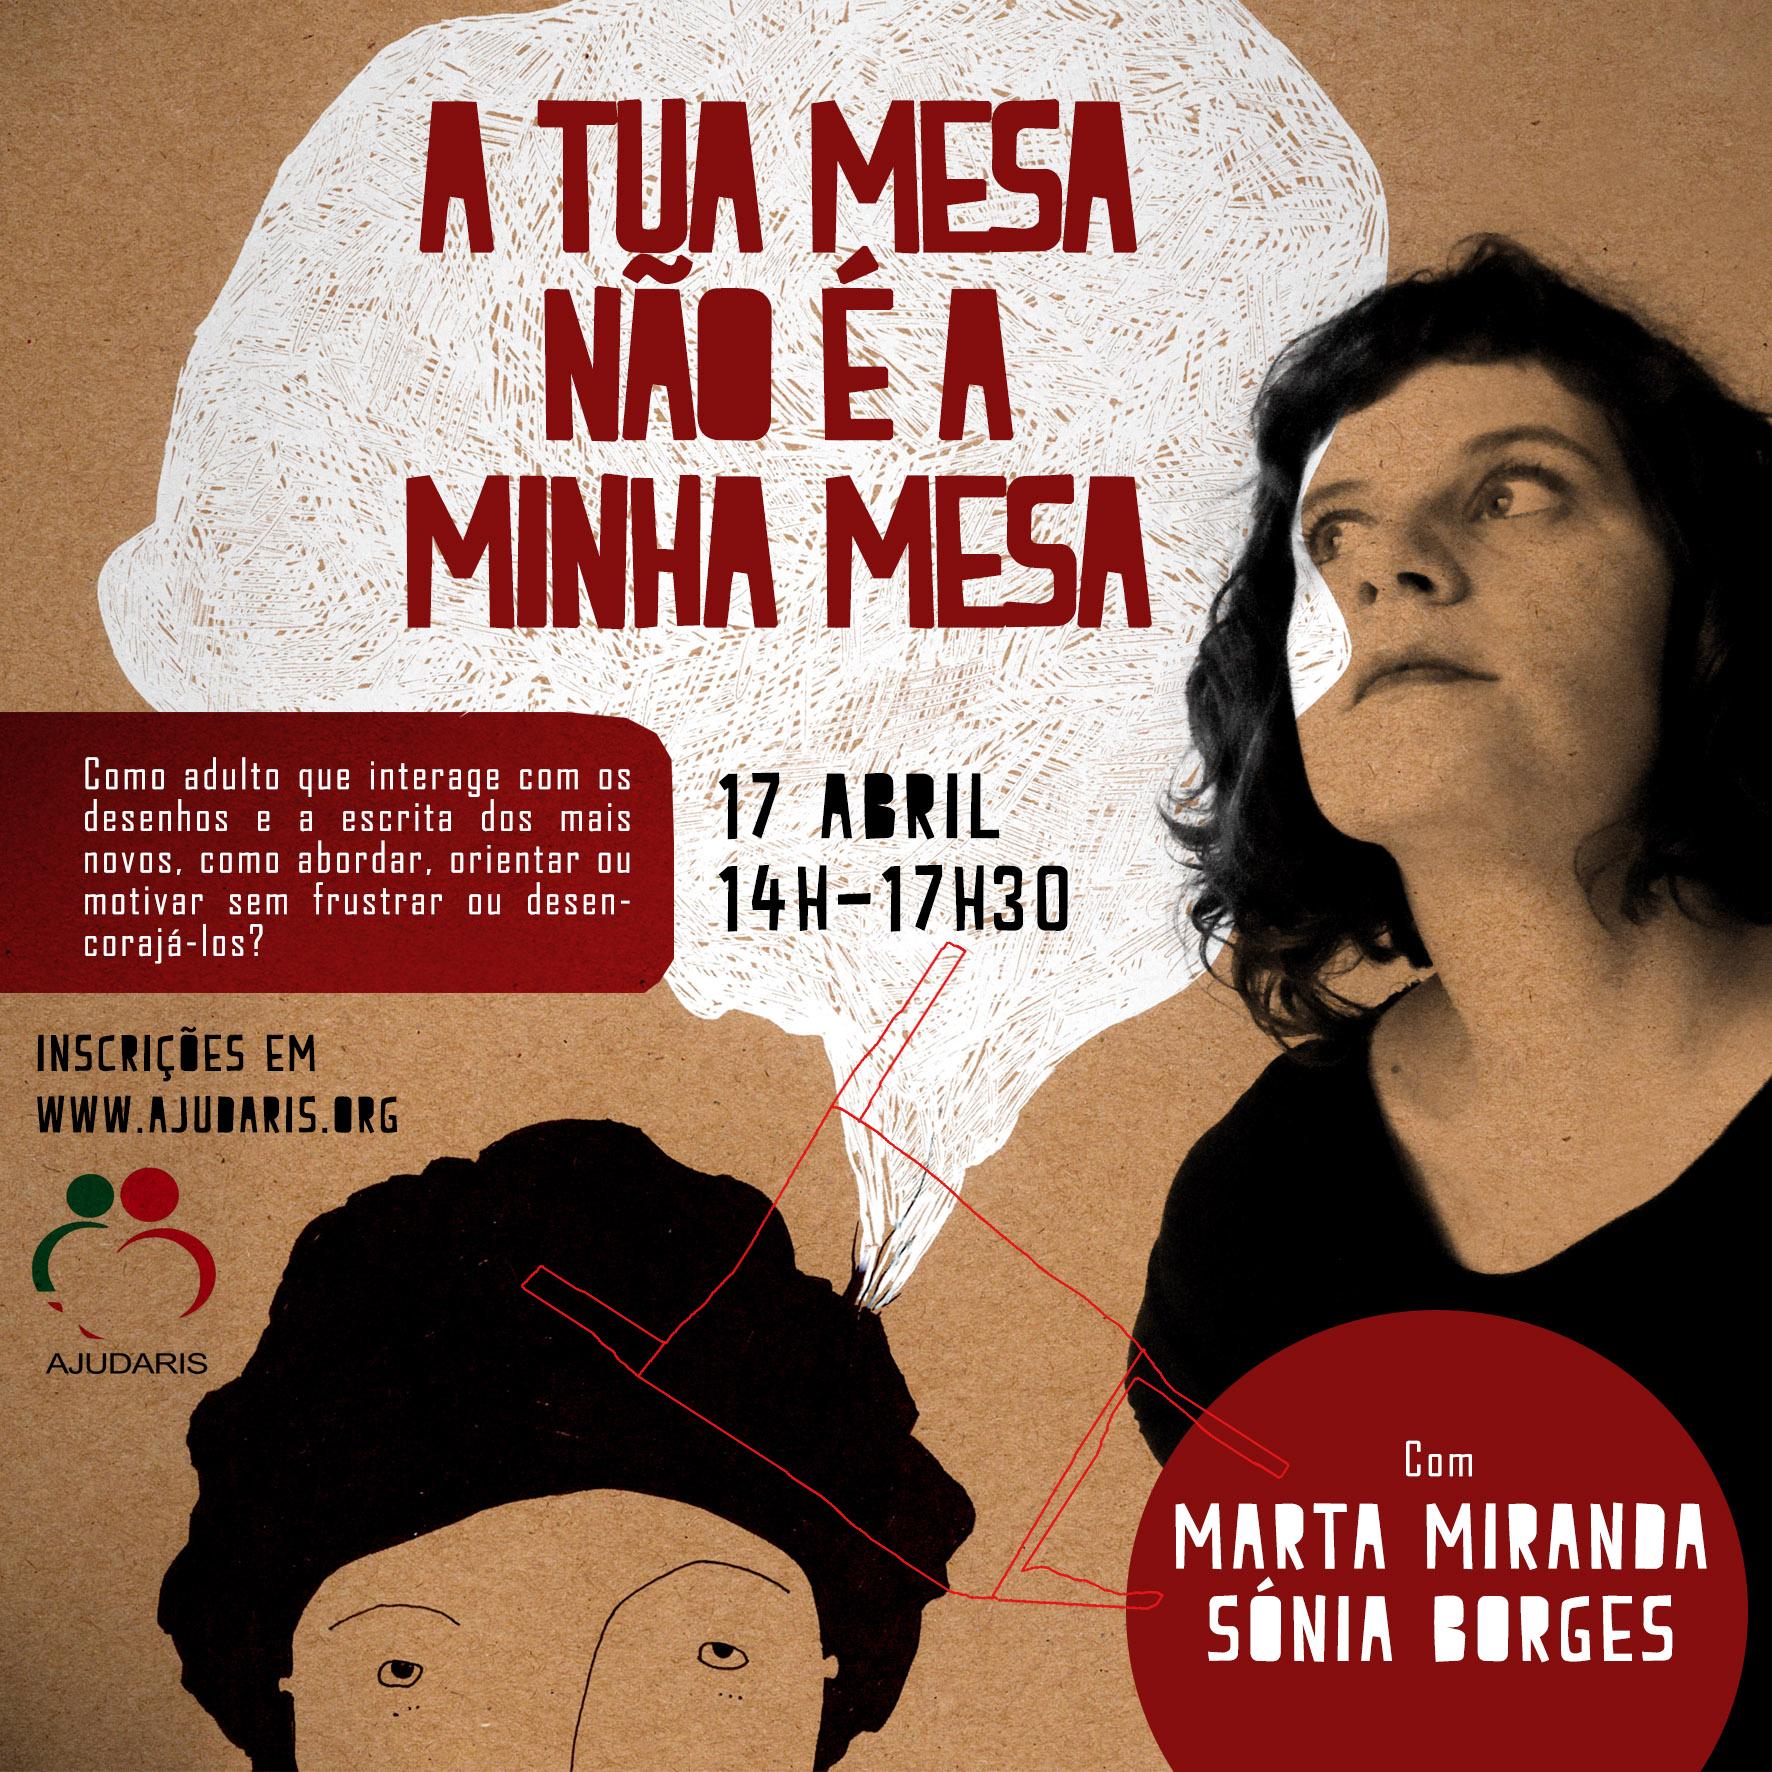 NOVADATA_Atuacasanaoeaminhacasa_Soniaborges_MartaMiranda2021